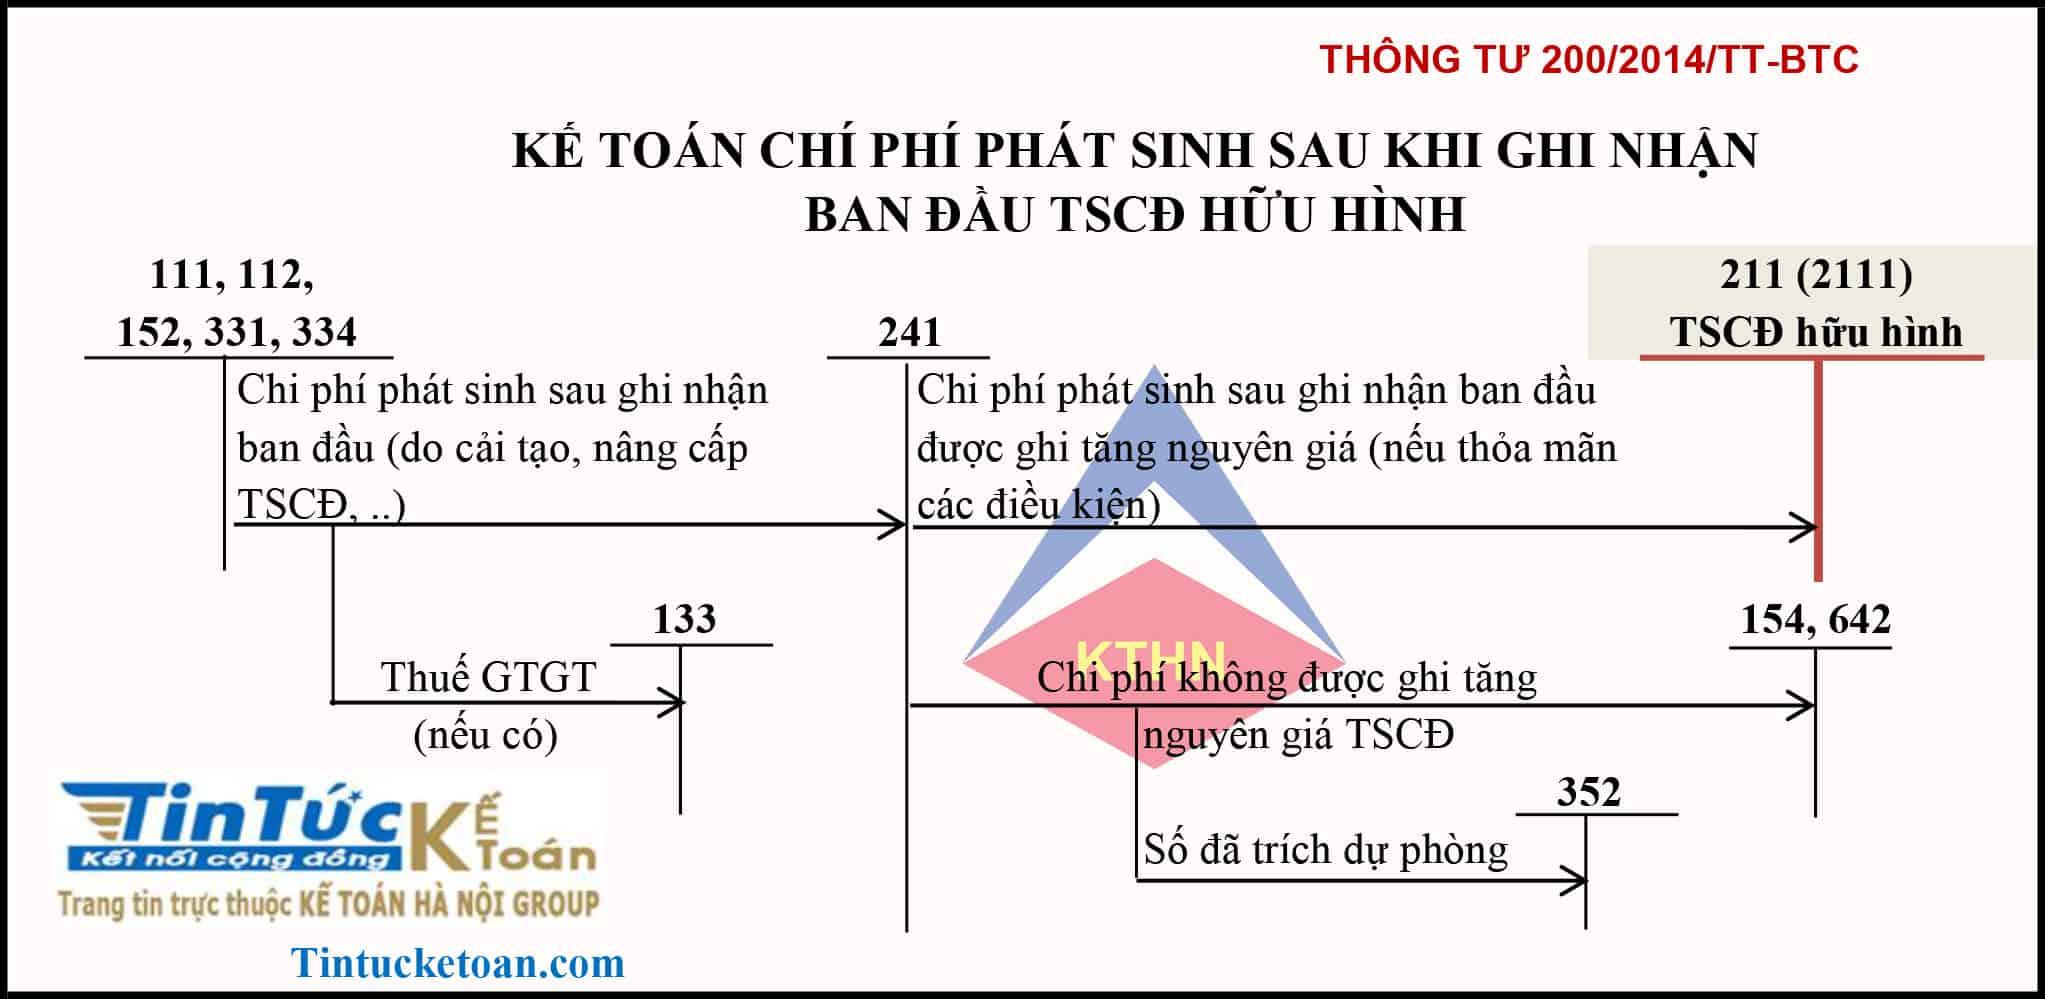 Sơ đồ kế toán chi phí phát sinh sau ghi nhận ban đầu TSCĐ TT200